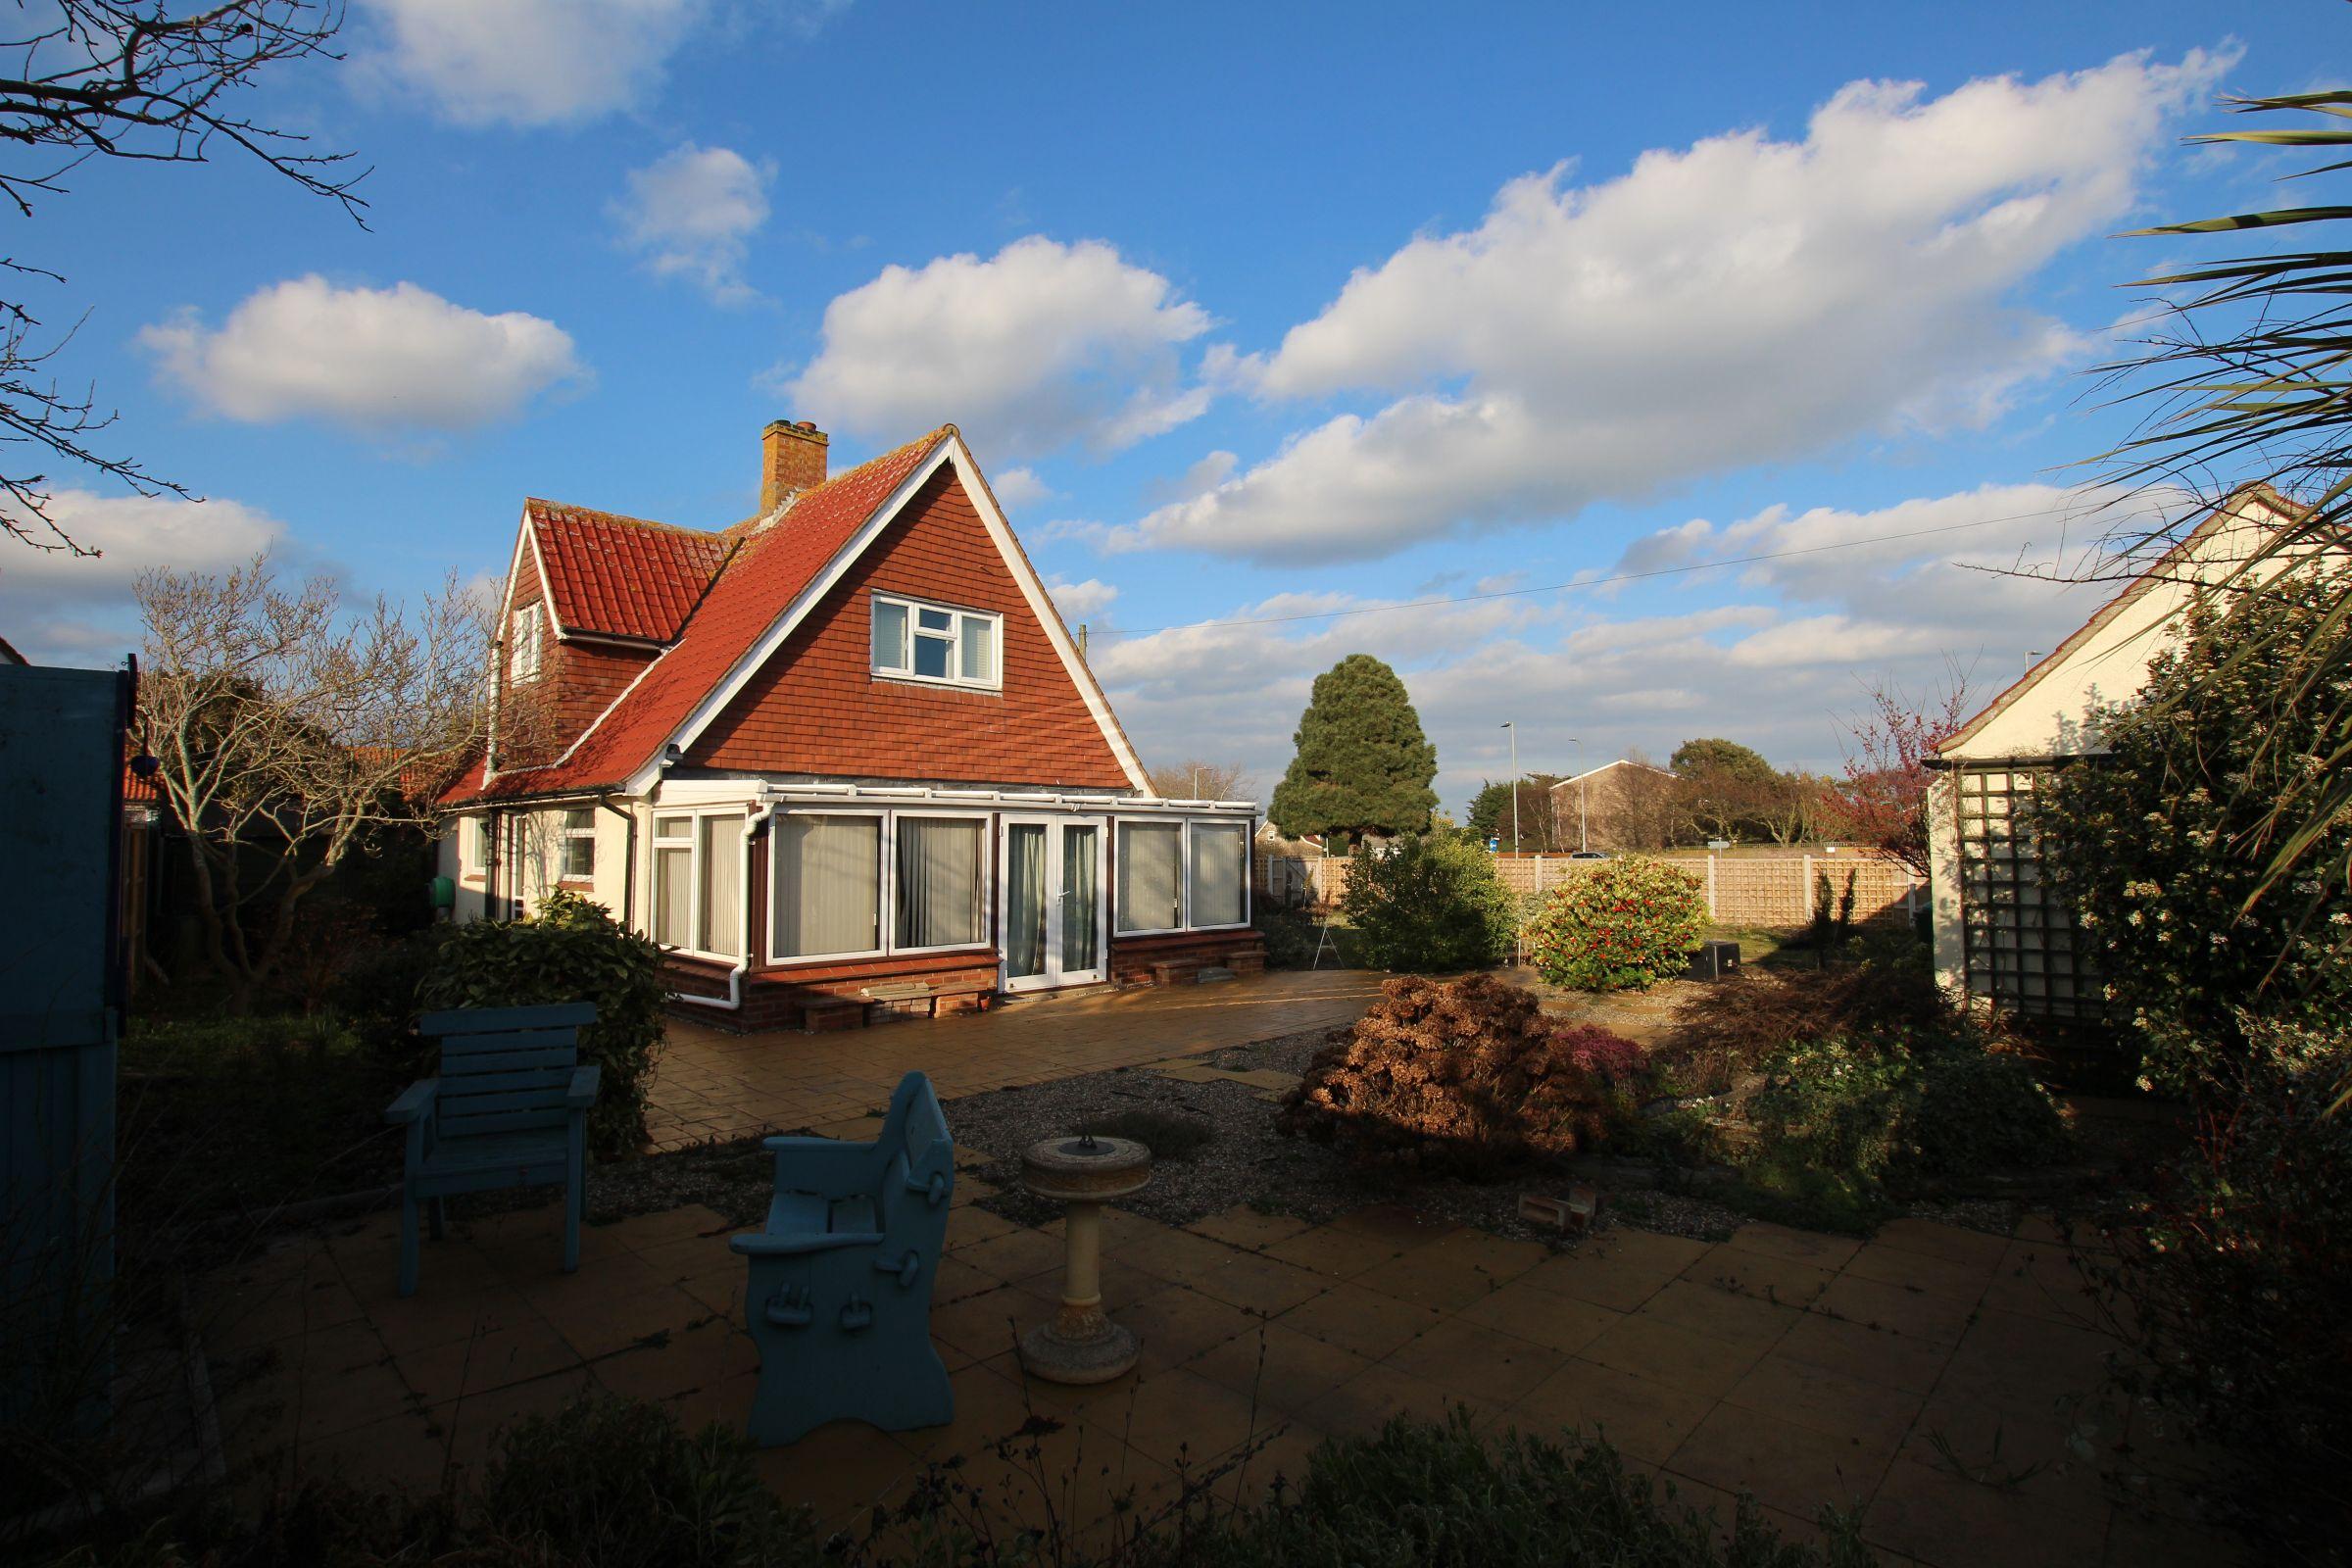 Azalea Cottage, Southview Drive, Clacton-on-Sea